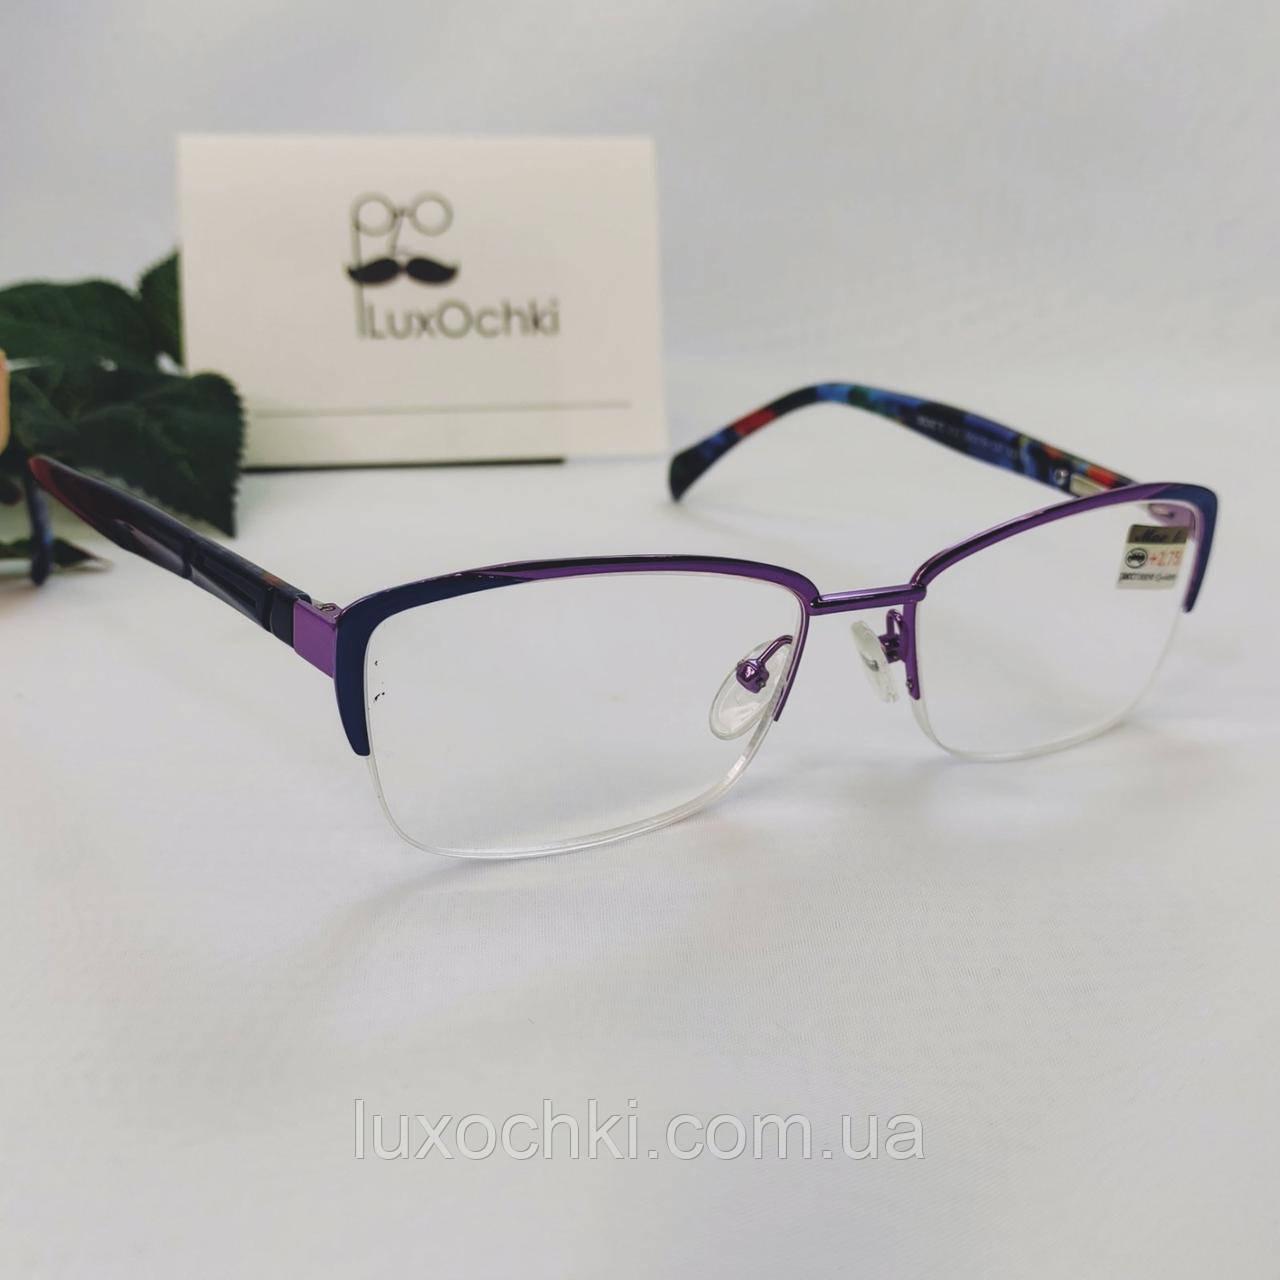 Готові диоптрические жіночі окуляри +2.75 полуободковые у комбінованій чорно-фіолетового оправі